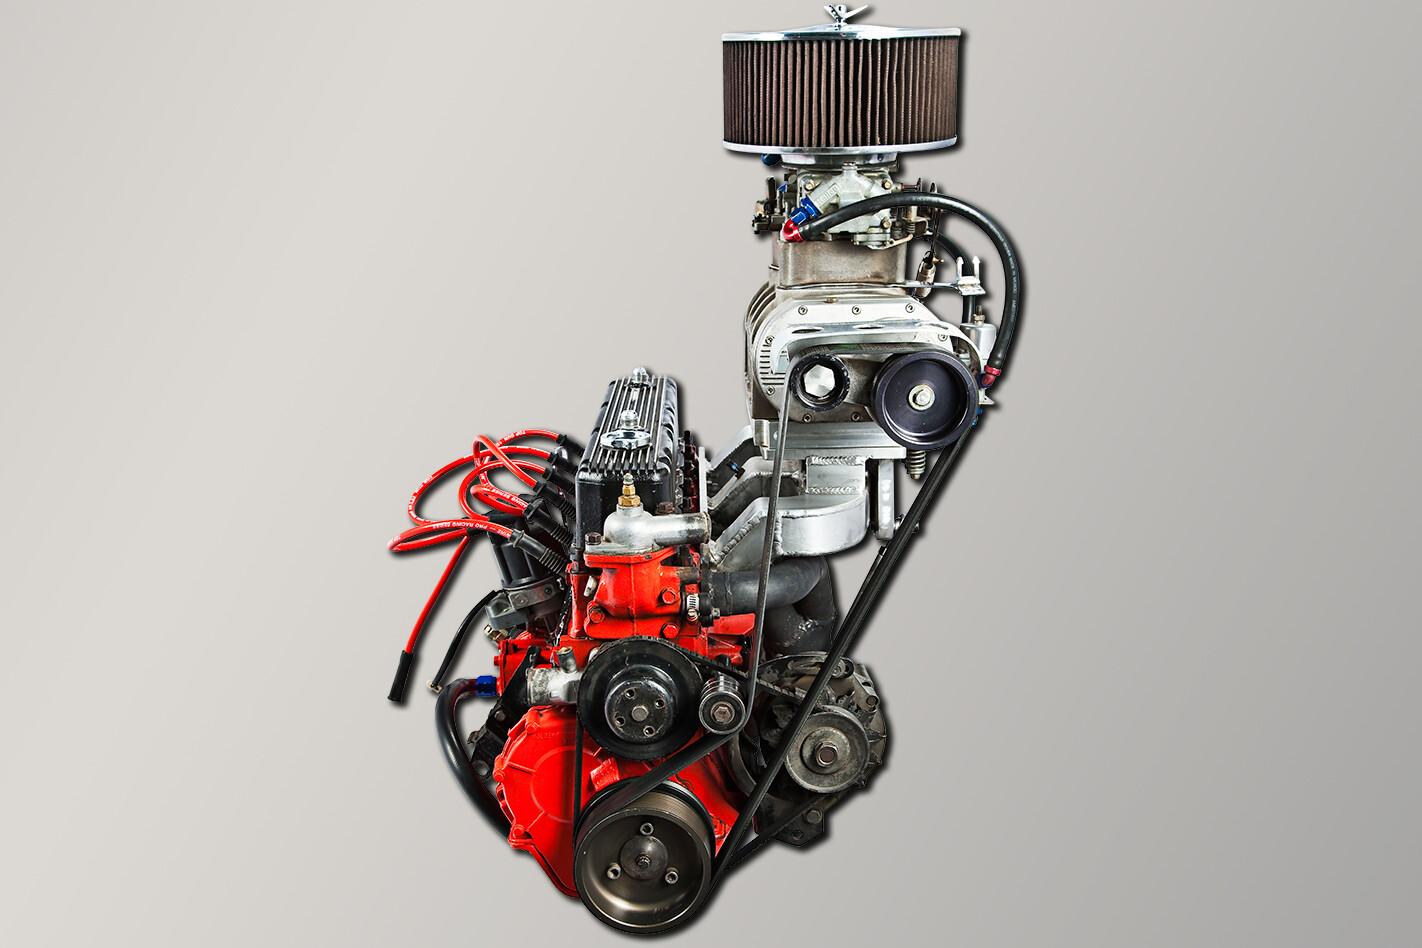 Holden -engine -1